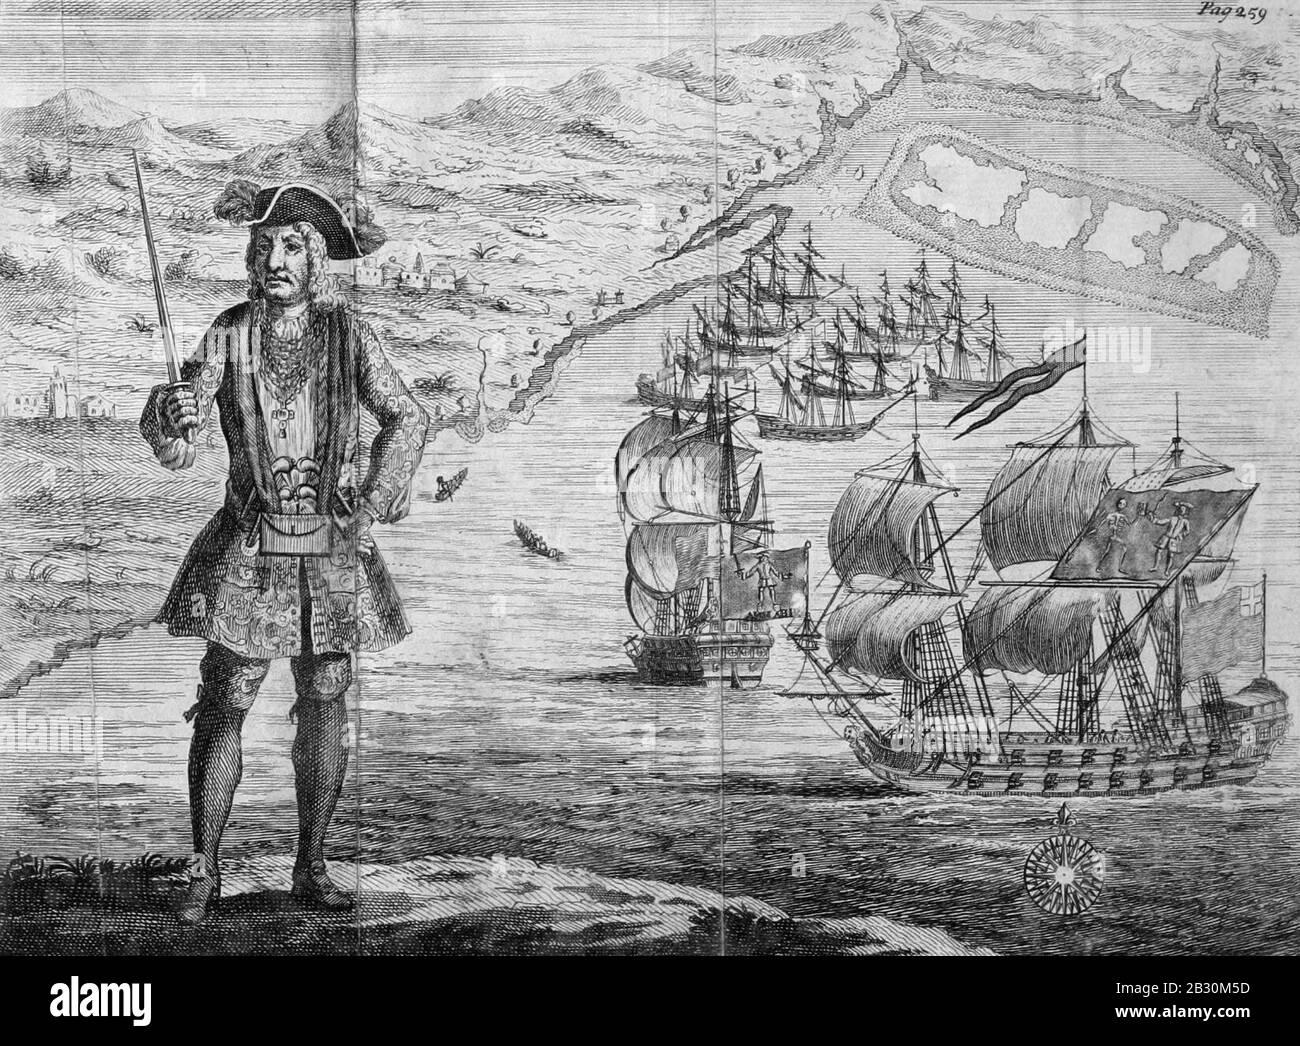 Histoire générale des Pyrates - Capitaine Bartholomew Roberts avec deux navires. Banque D'Images